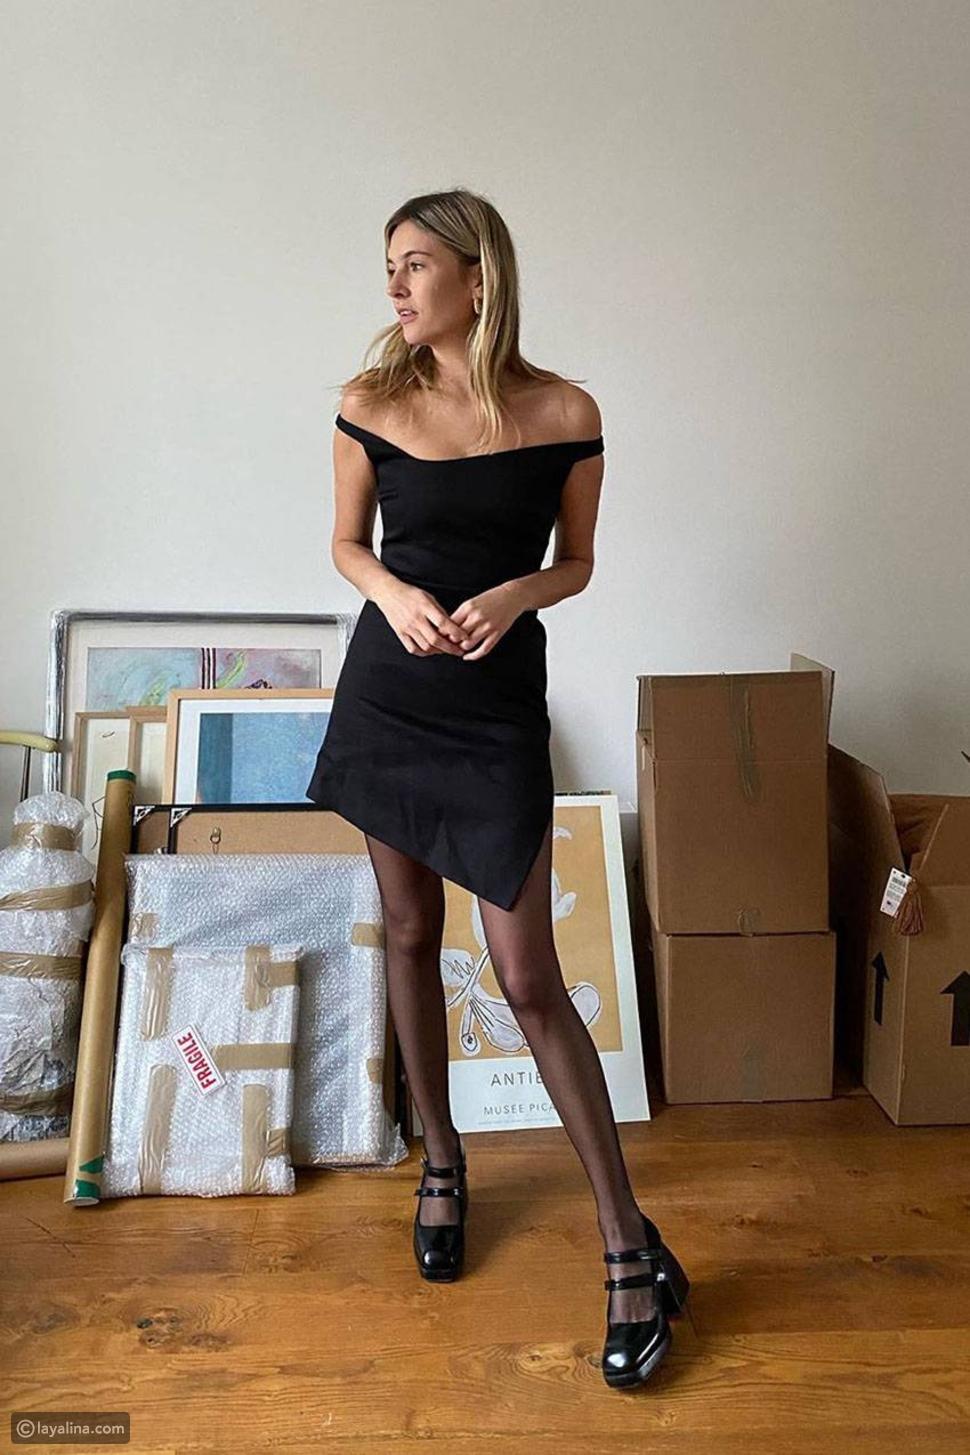 فستان أسود كلاسيك مع جوارب ضيقة